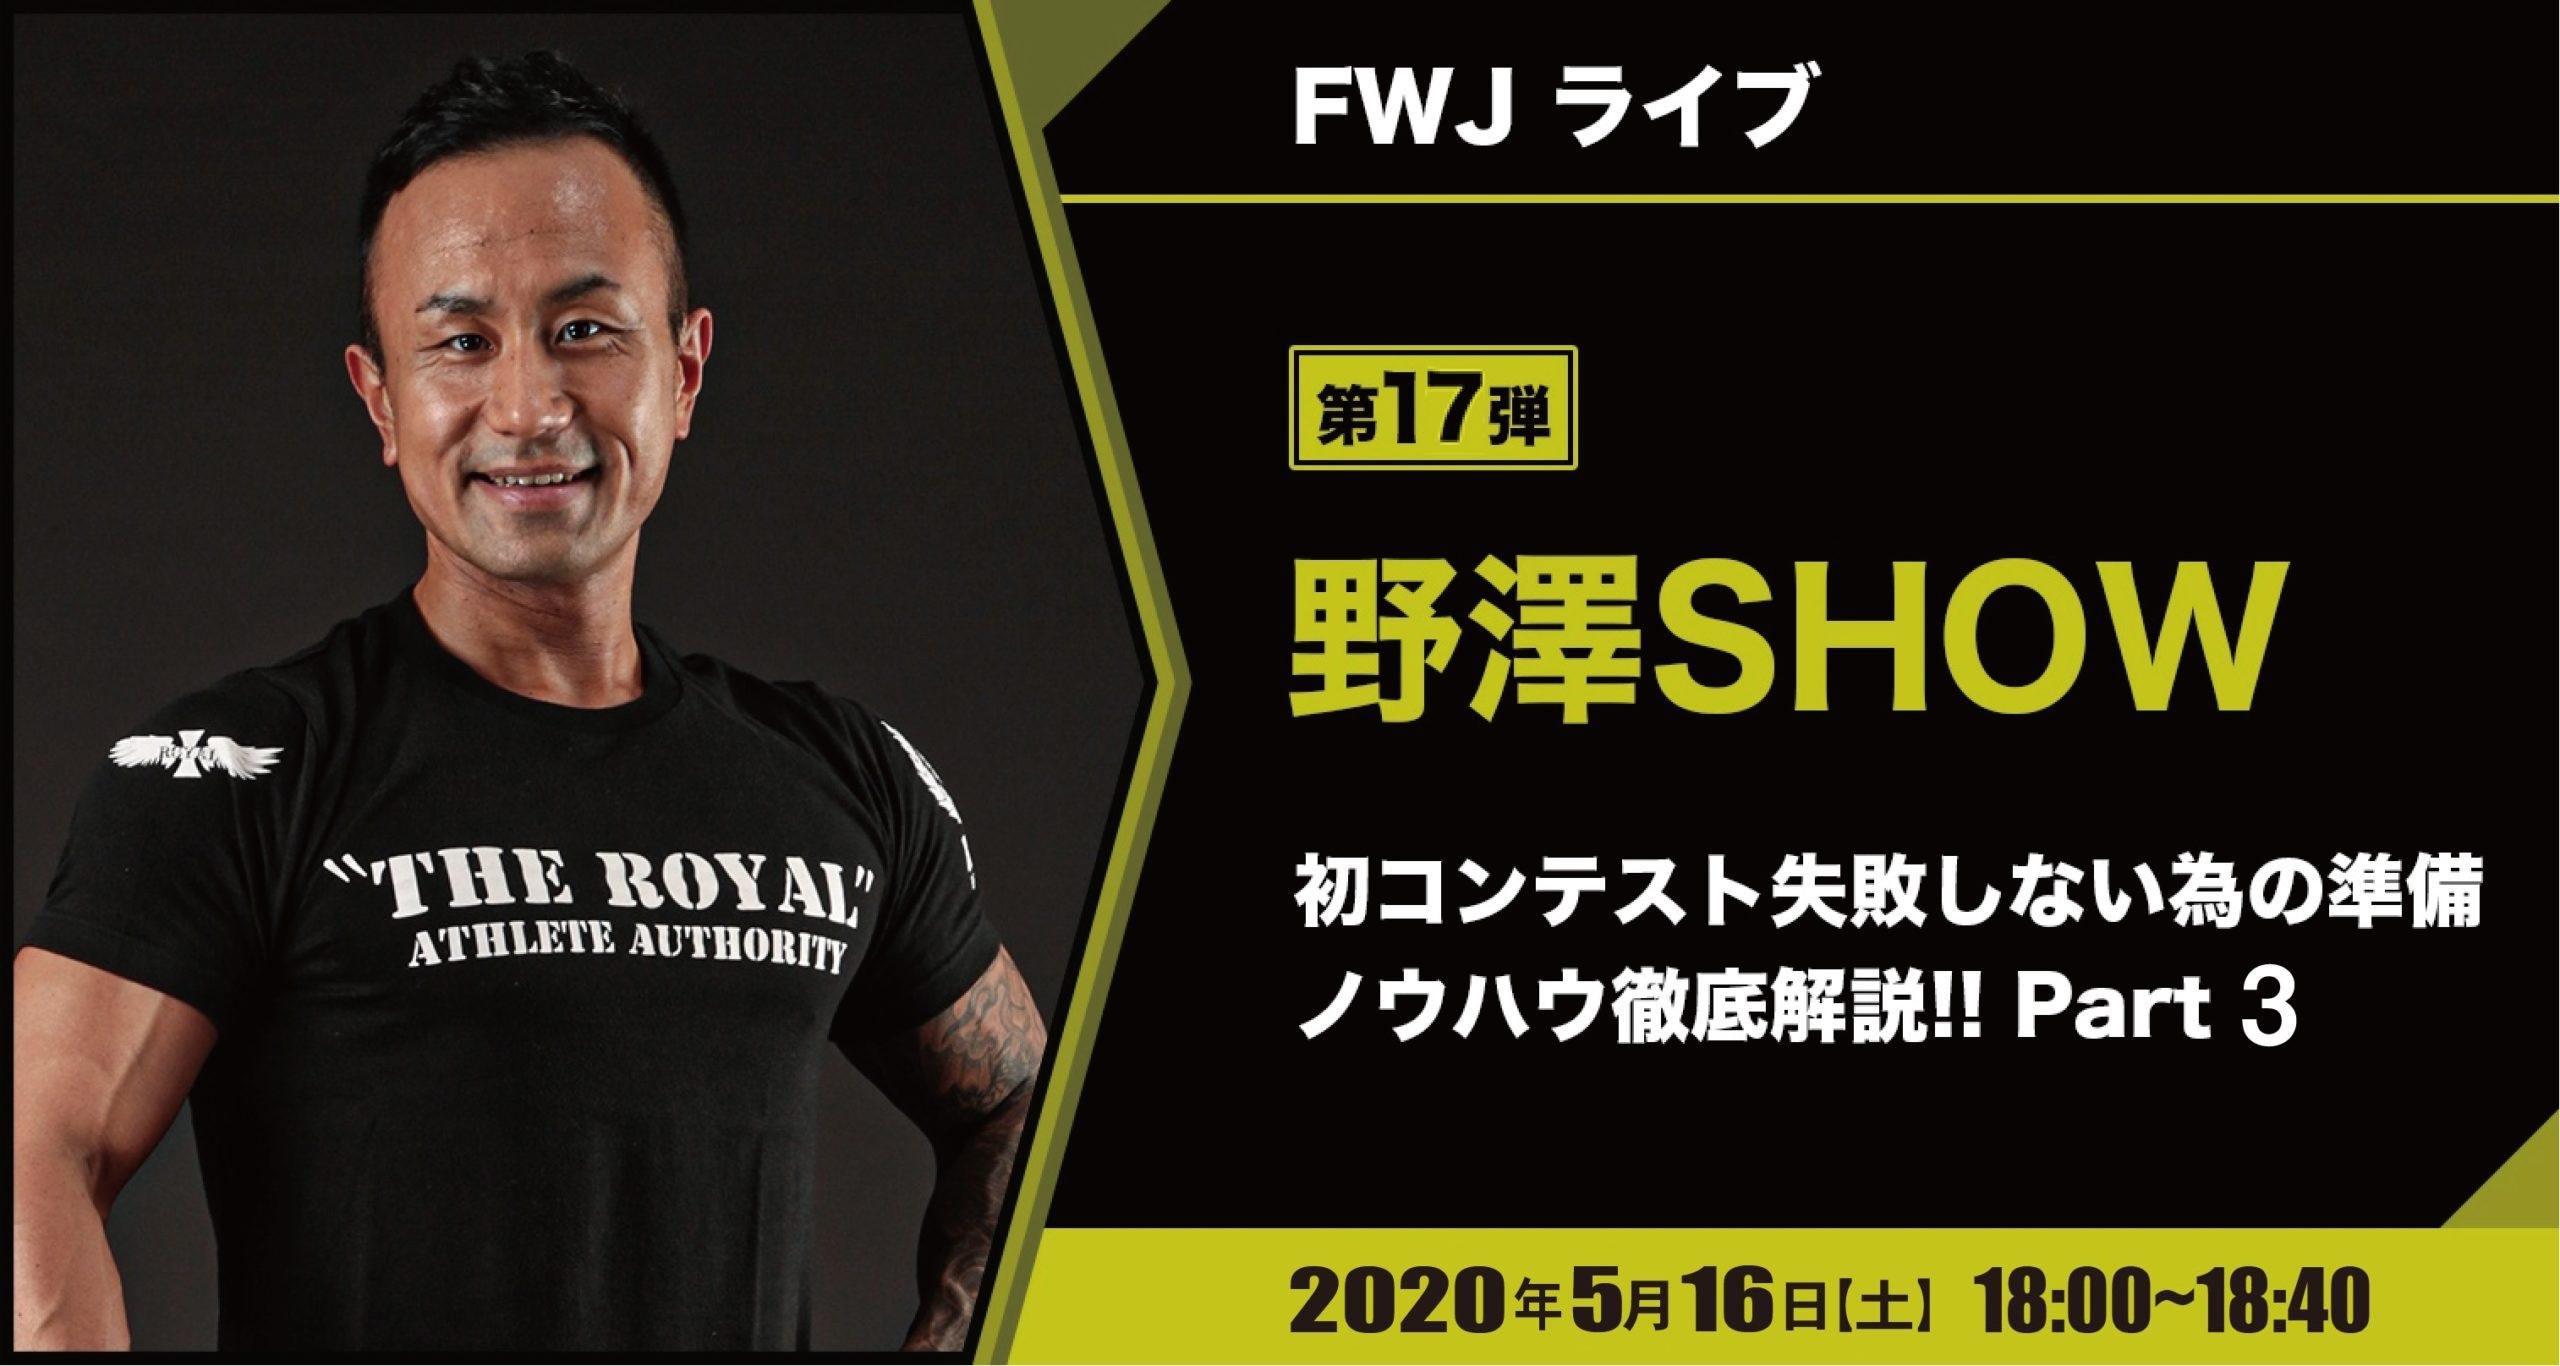 FWJライブ第17弾「野澤SHOW」明日から出来る!初コンテスト失敗しない為の準備  ノウハウ徹底解説!Part 3